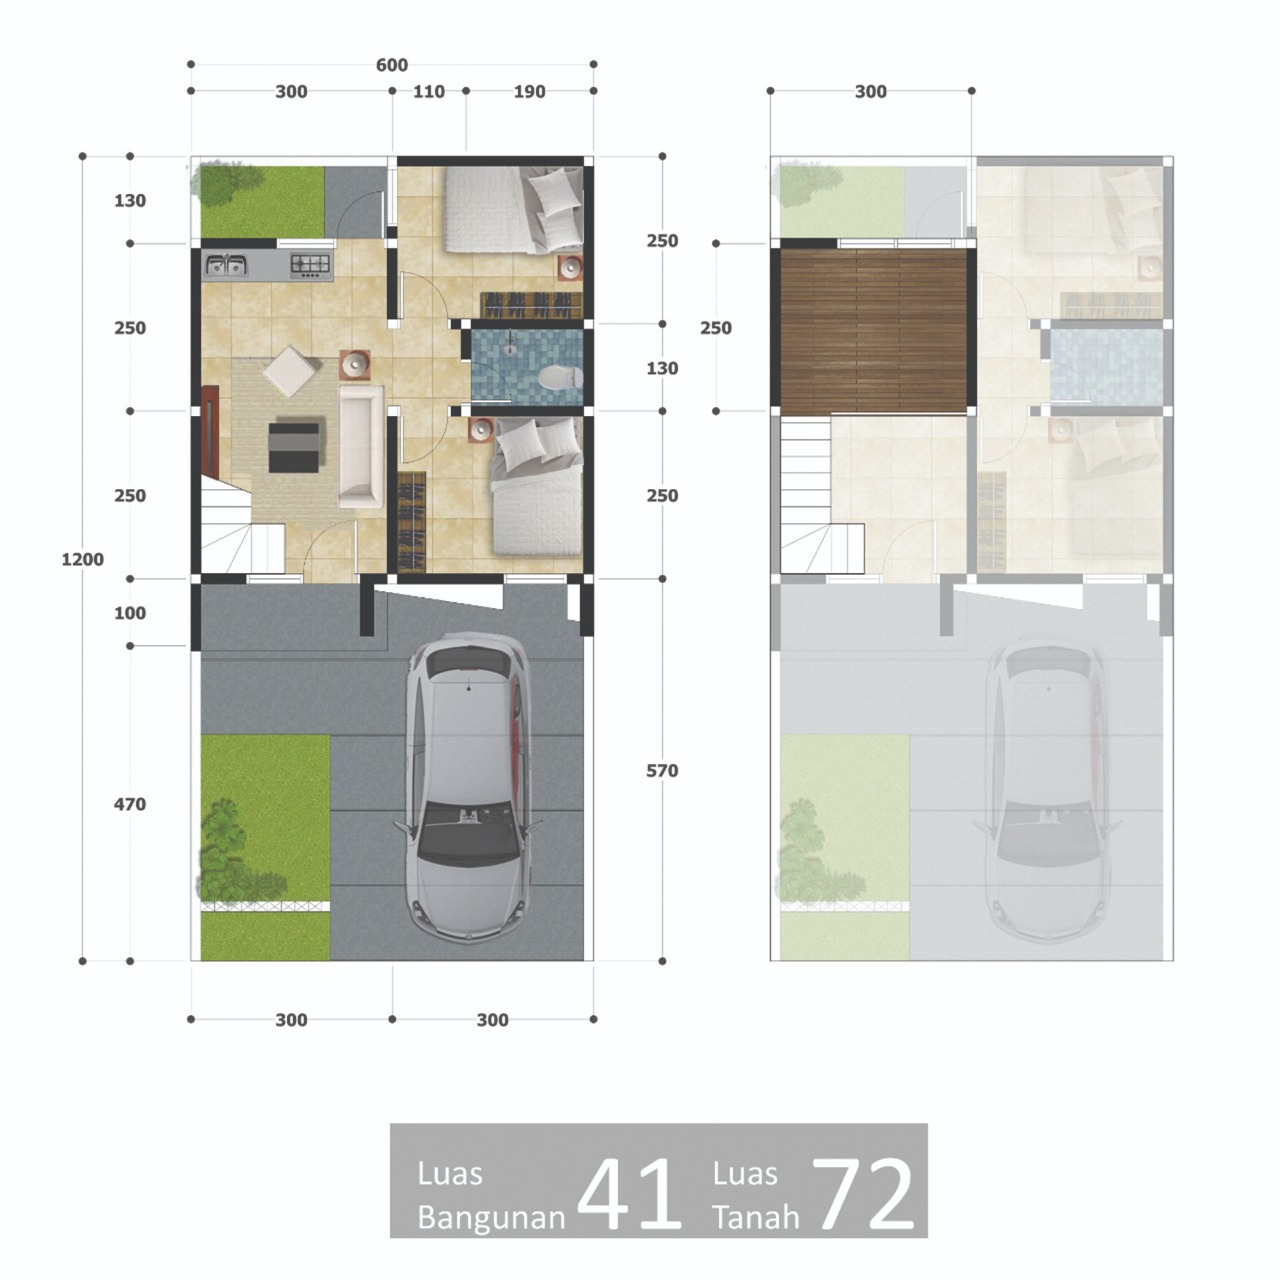 perumahan syariah bekasi kota - perumahan syariah bekasi timur - perumahan syariah mustikasari - layout 1 lantai 800x800 - grand al ihsan premiere - grandalihsanpremiere - nprosyar - davpropertysyariah